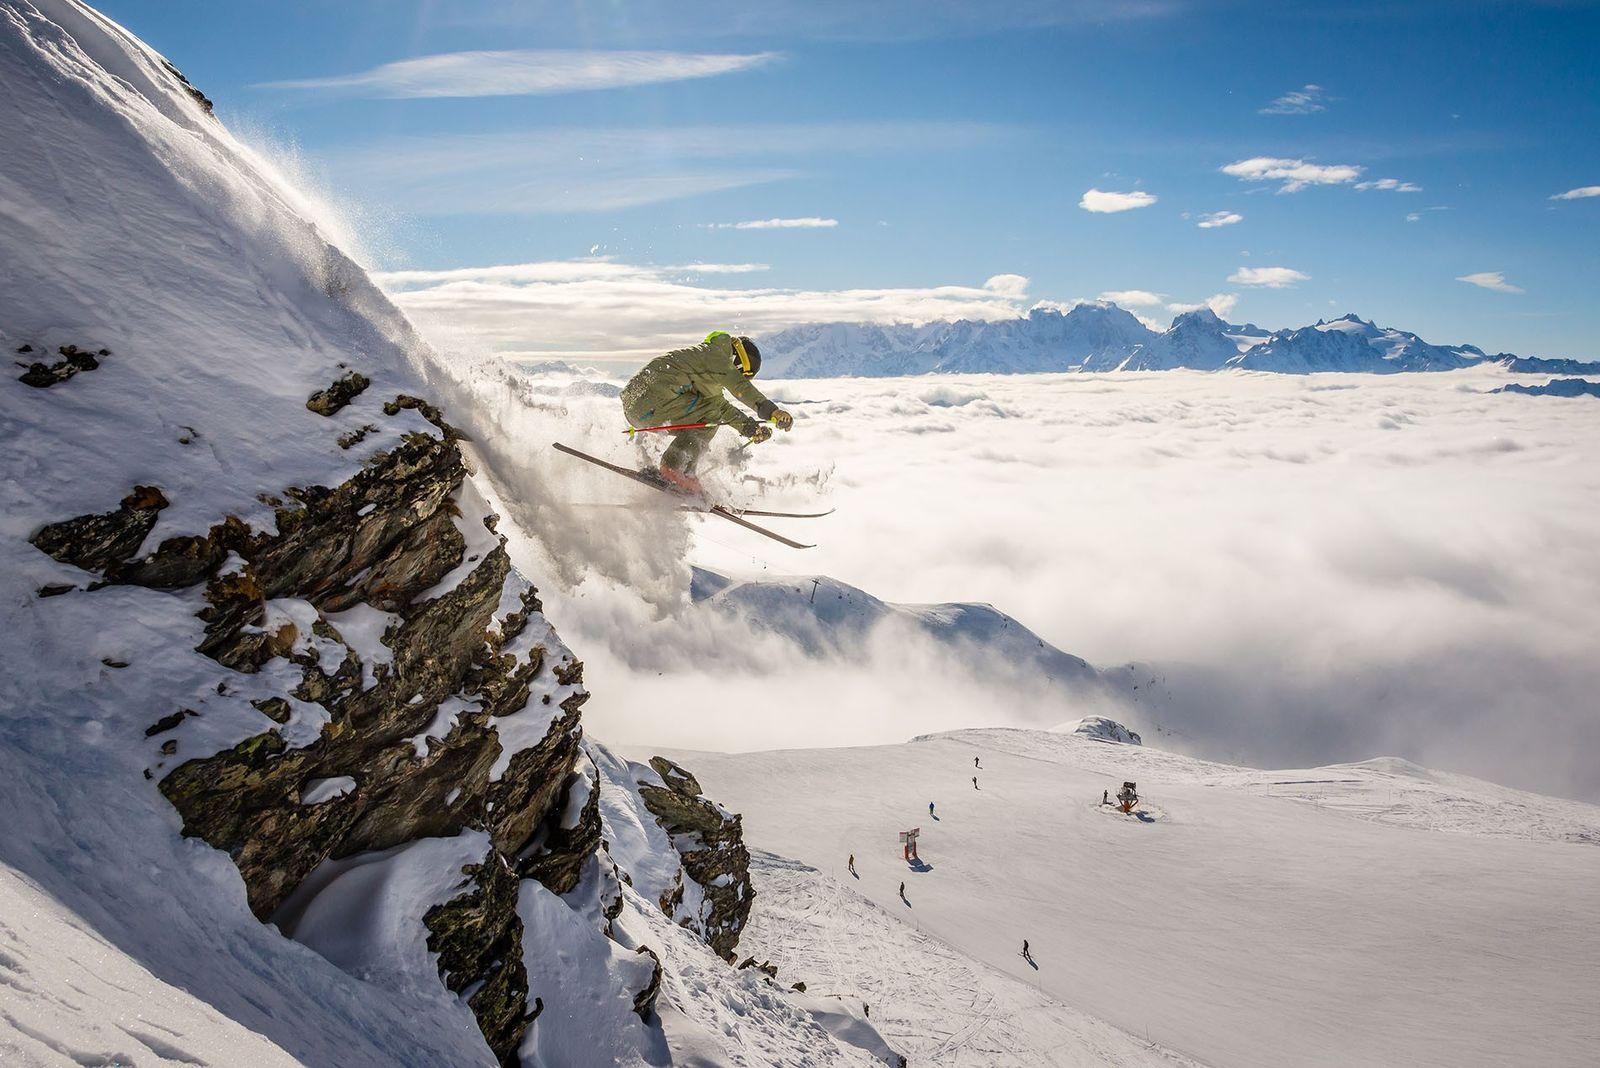 Skier jumping down piste